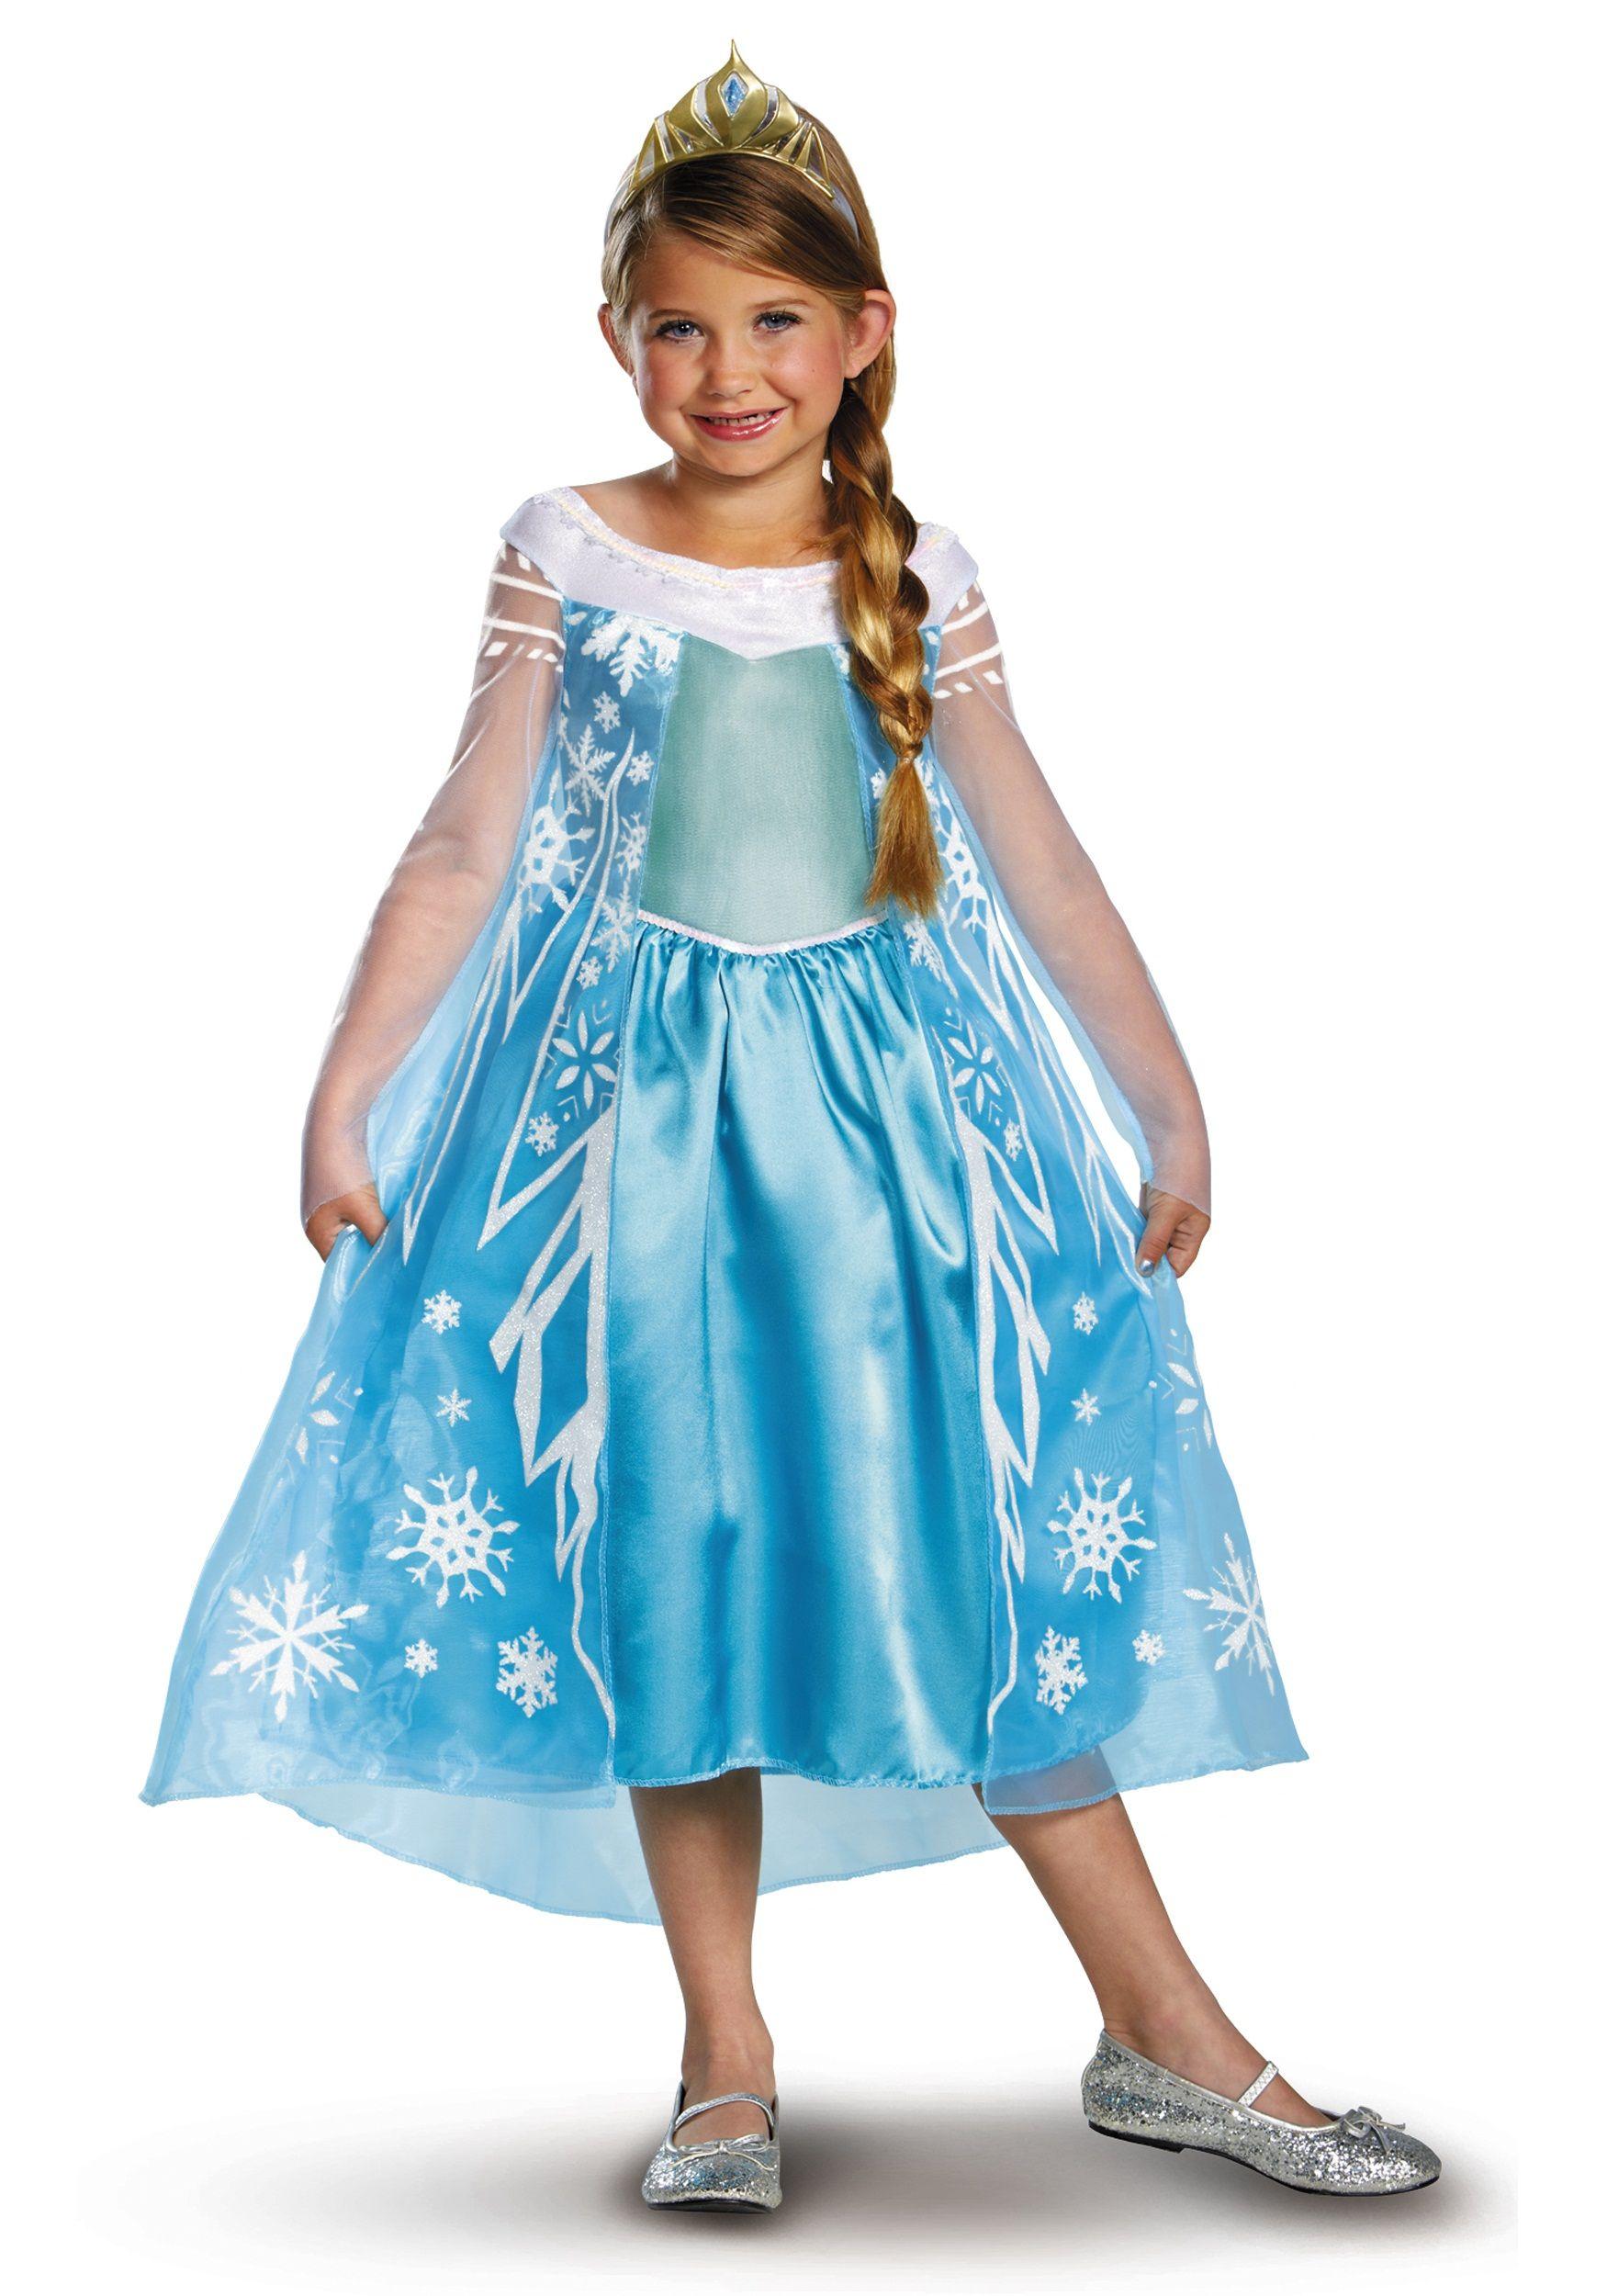 The dress from frozen - Elsa Deluxe Frozen Costume